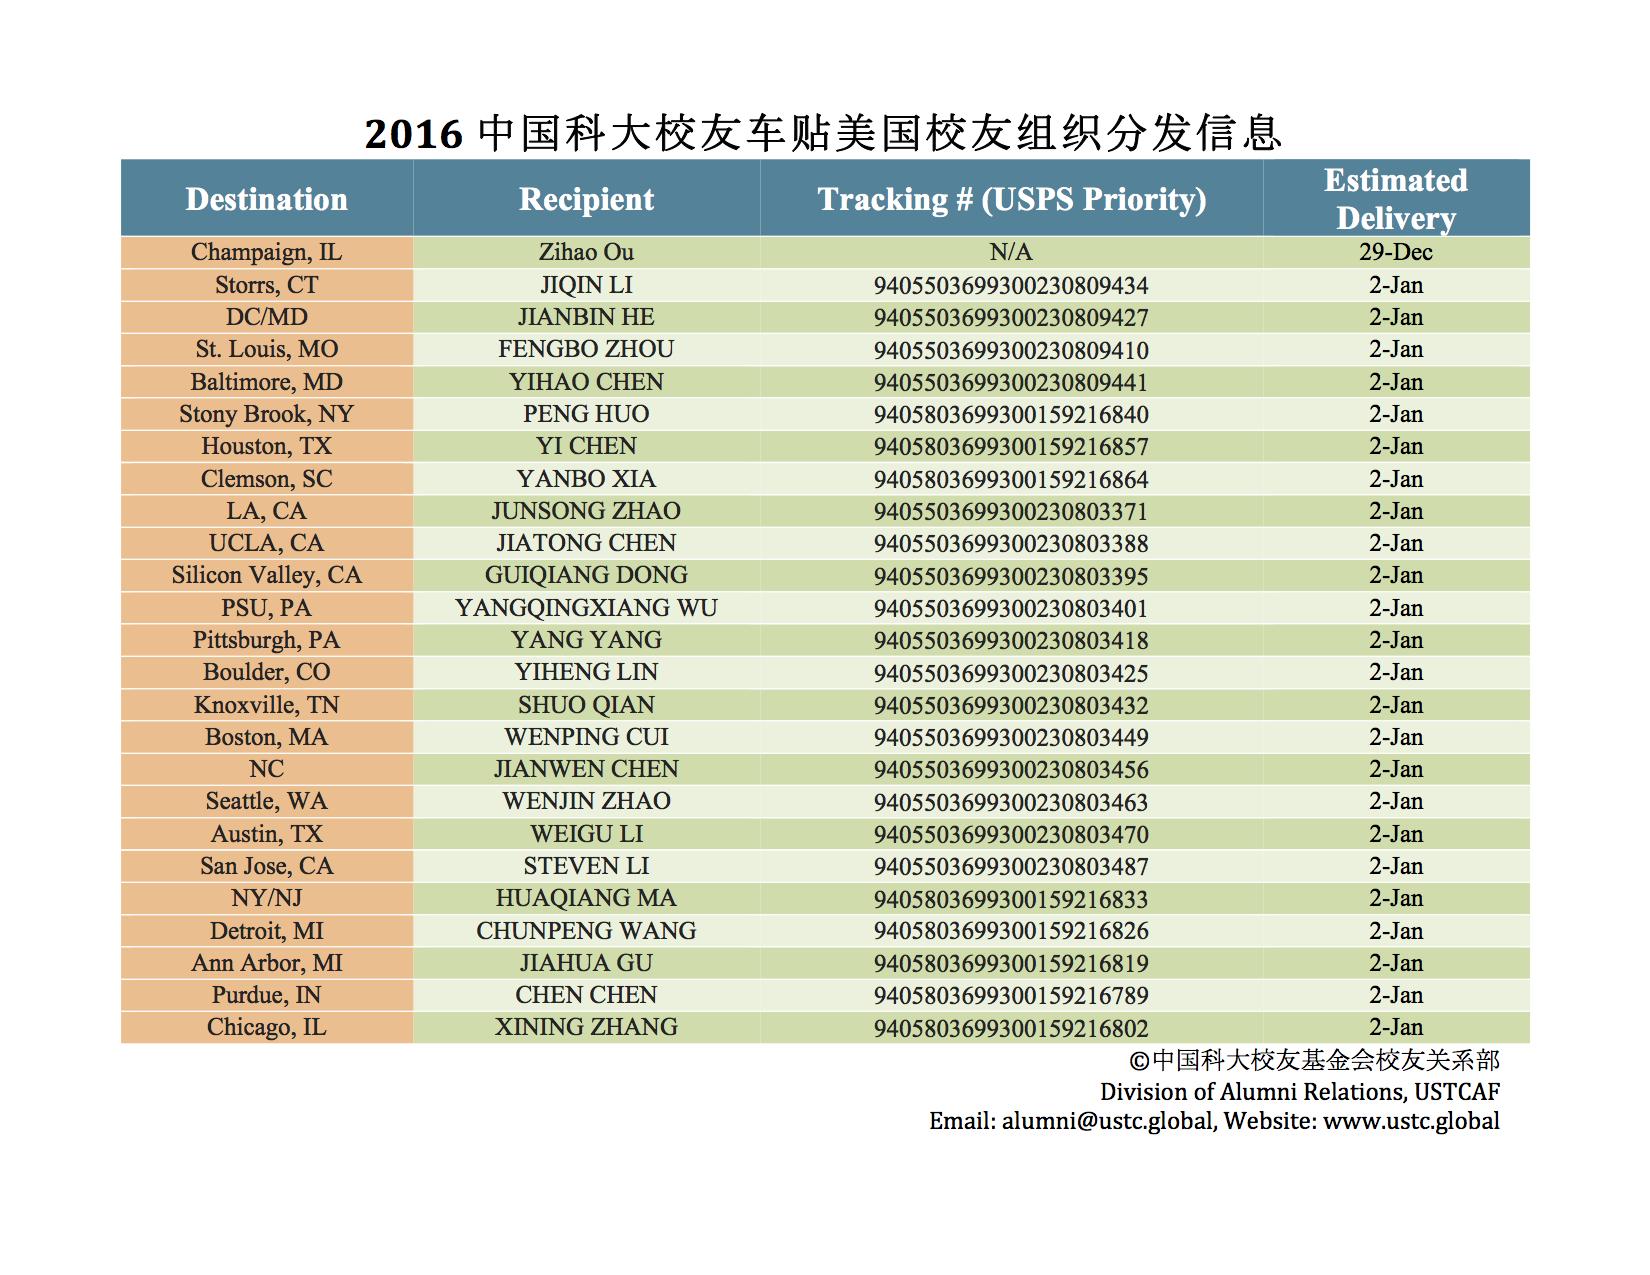 2016中国科大校友车贴美国校友组织分发信息